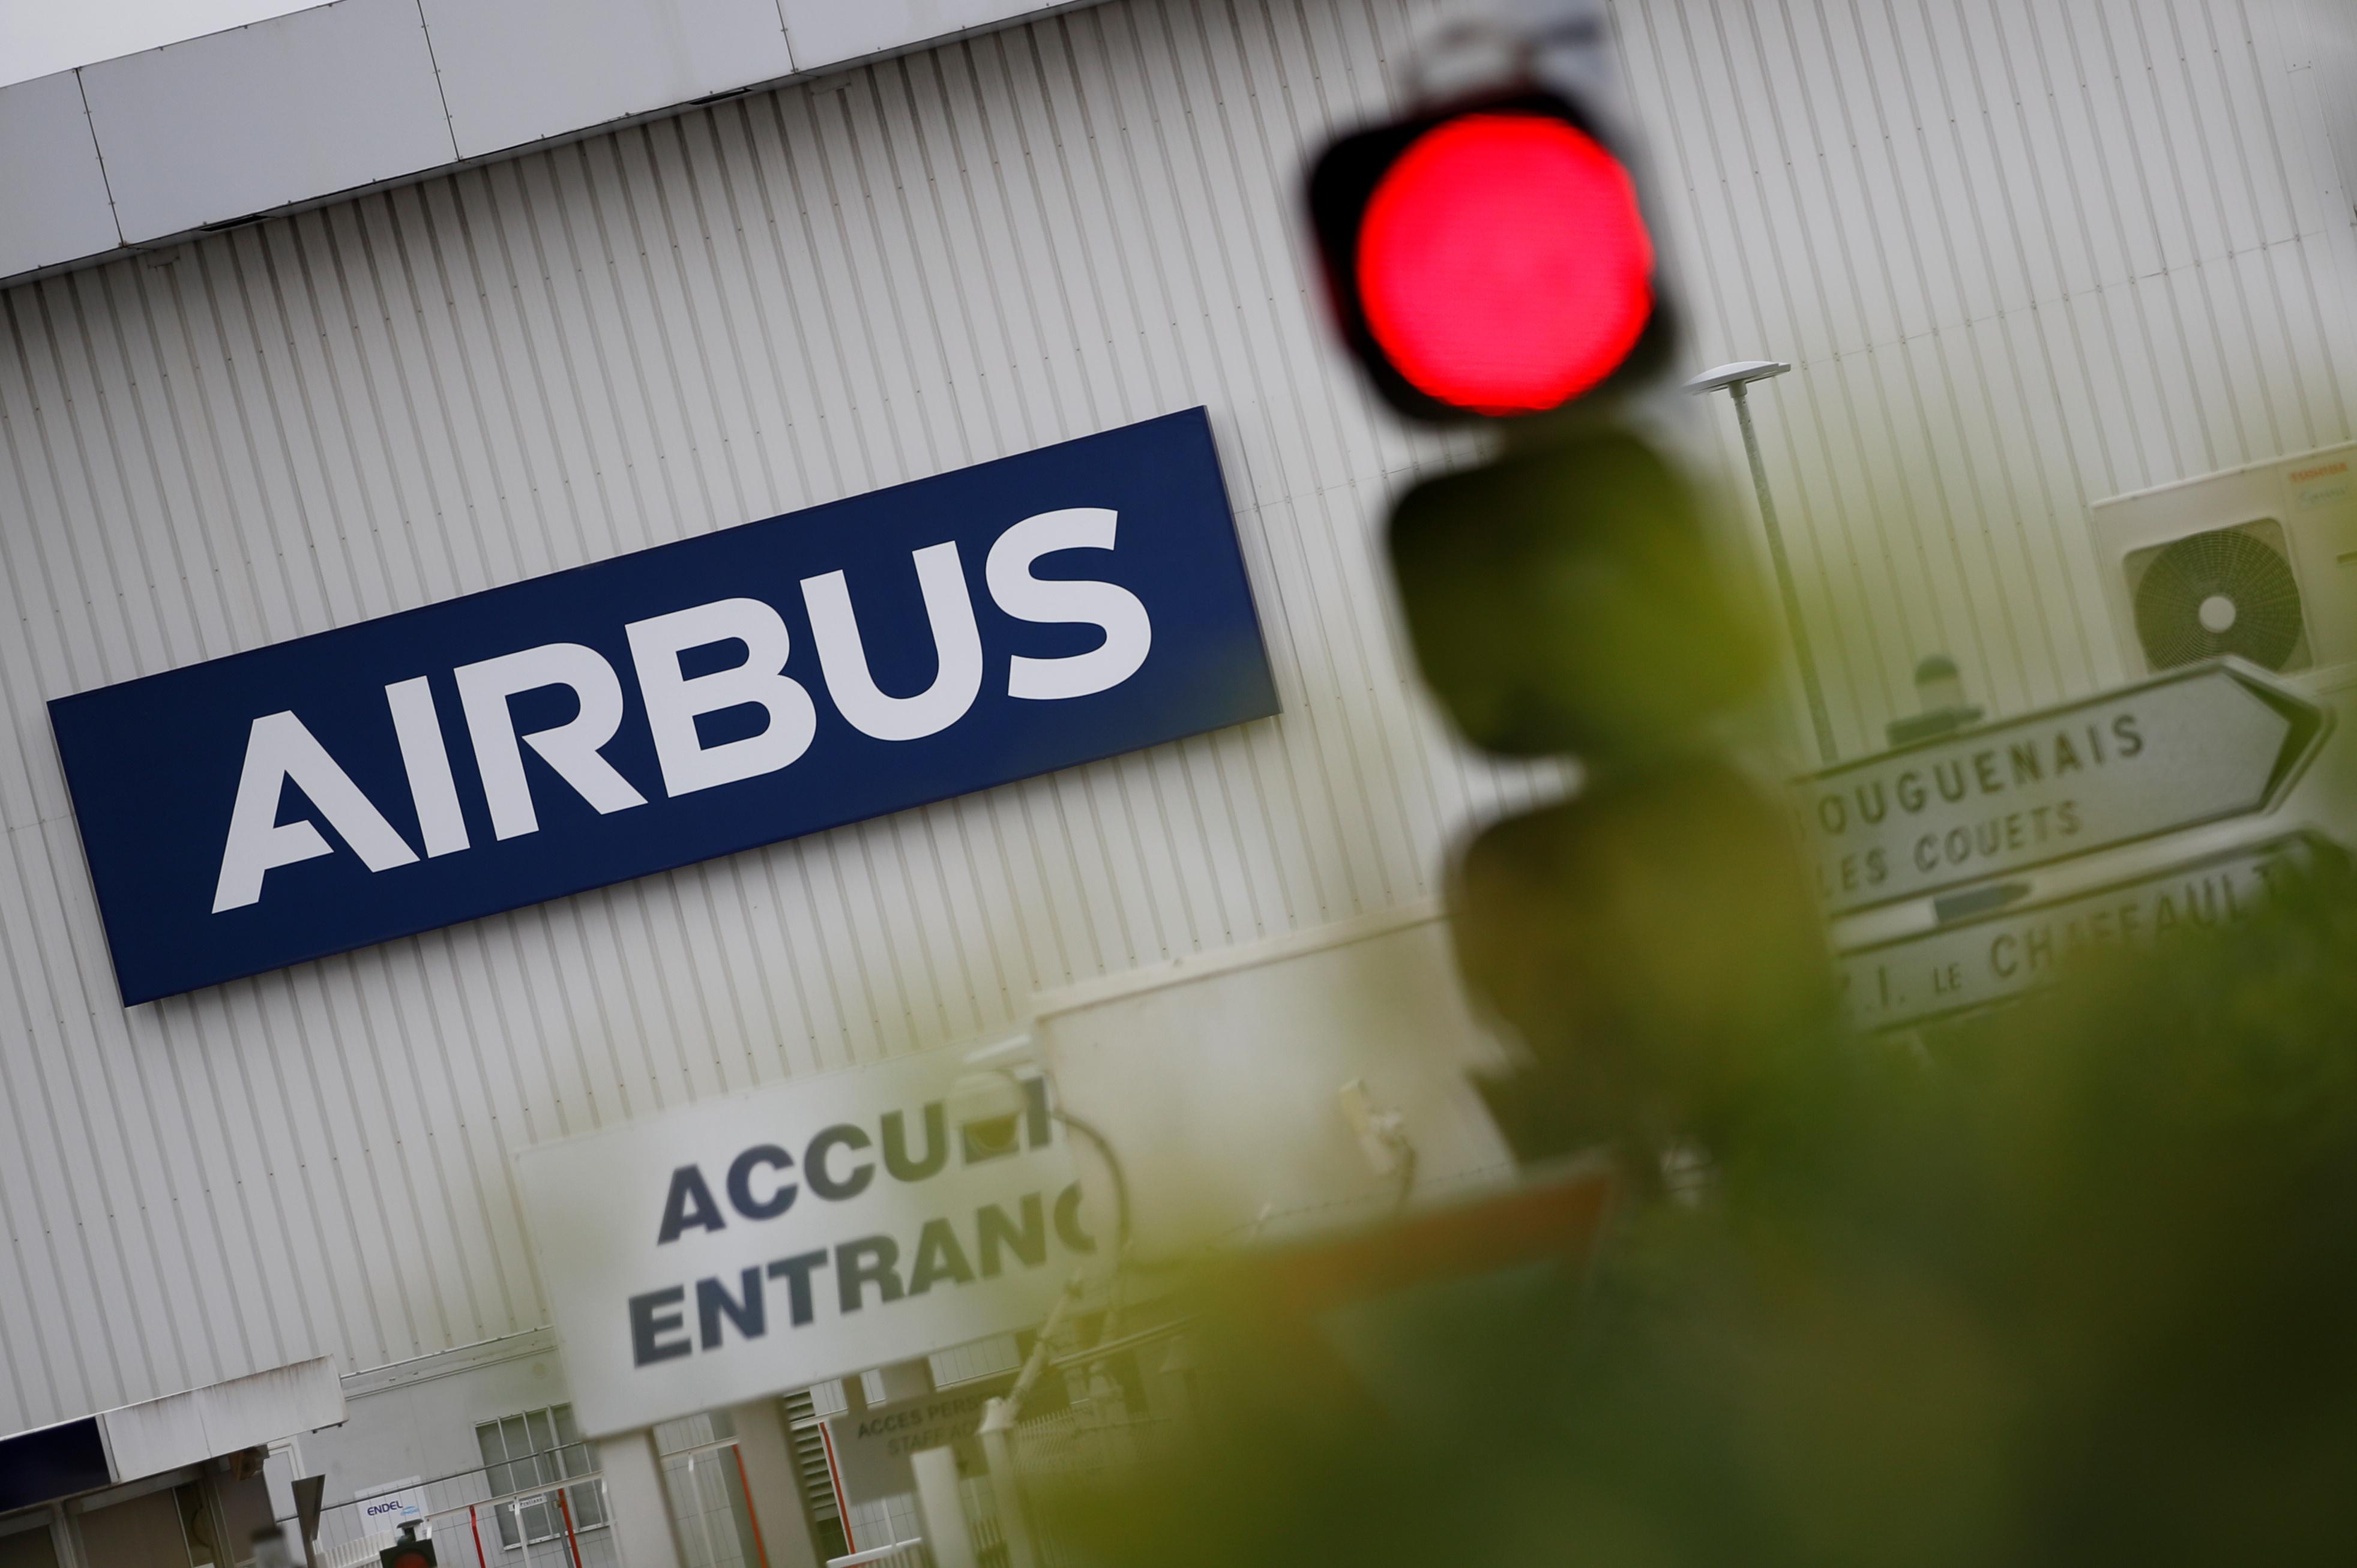 airbus-annonce-la-suppression-de-15-000-postes